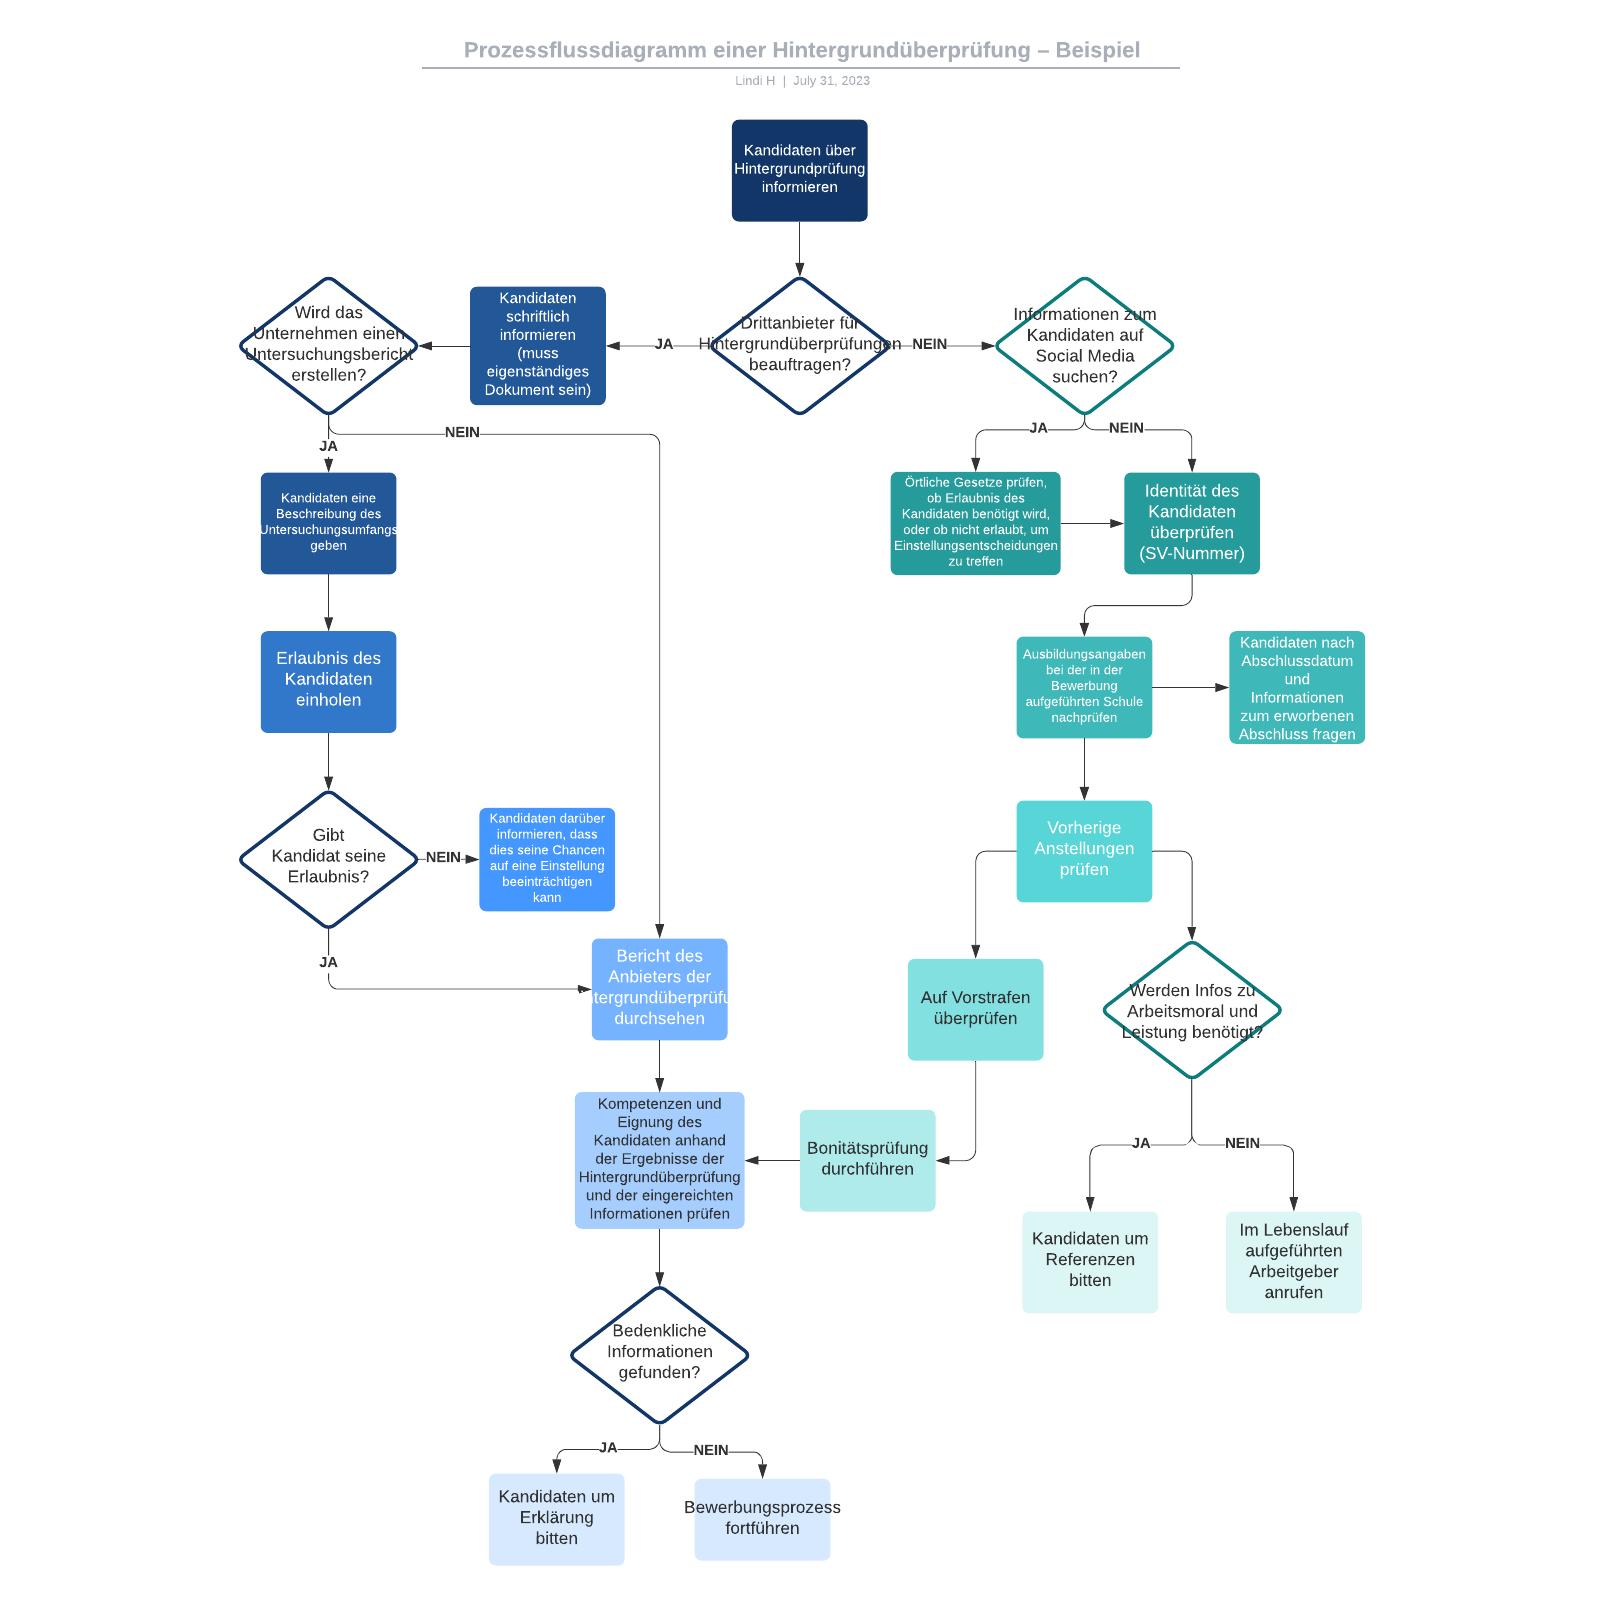 Prozessflussdiagramm einer Hintergrundüberprüfung– Beispiel